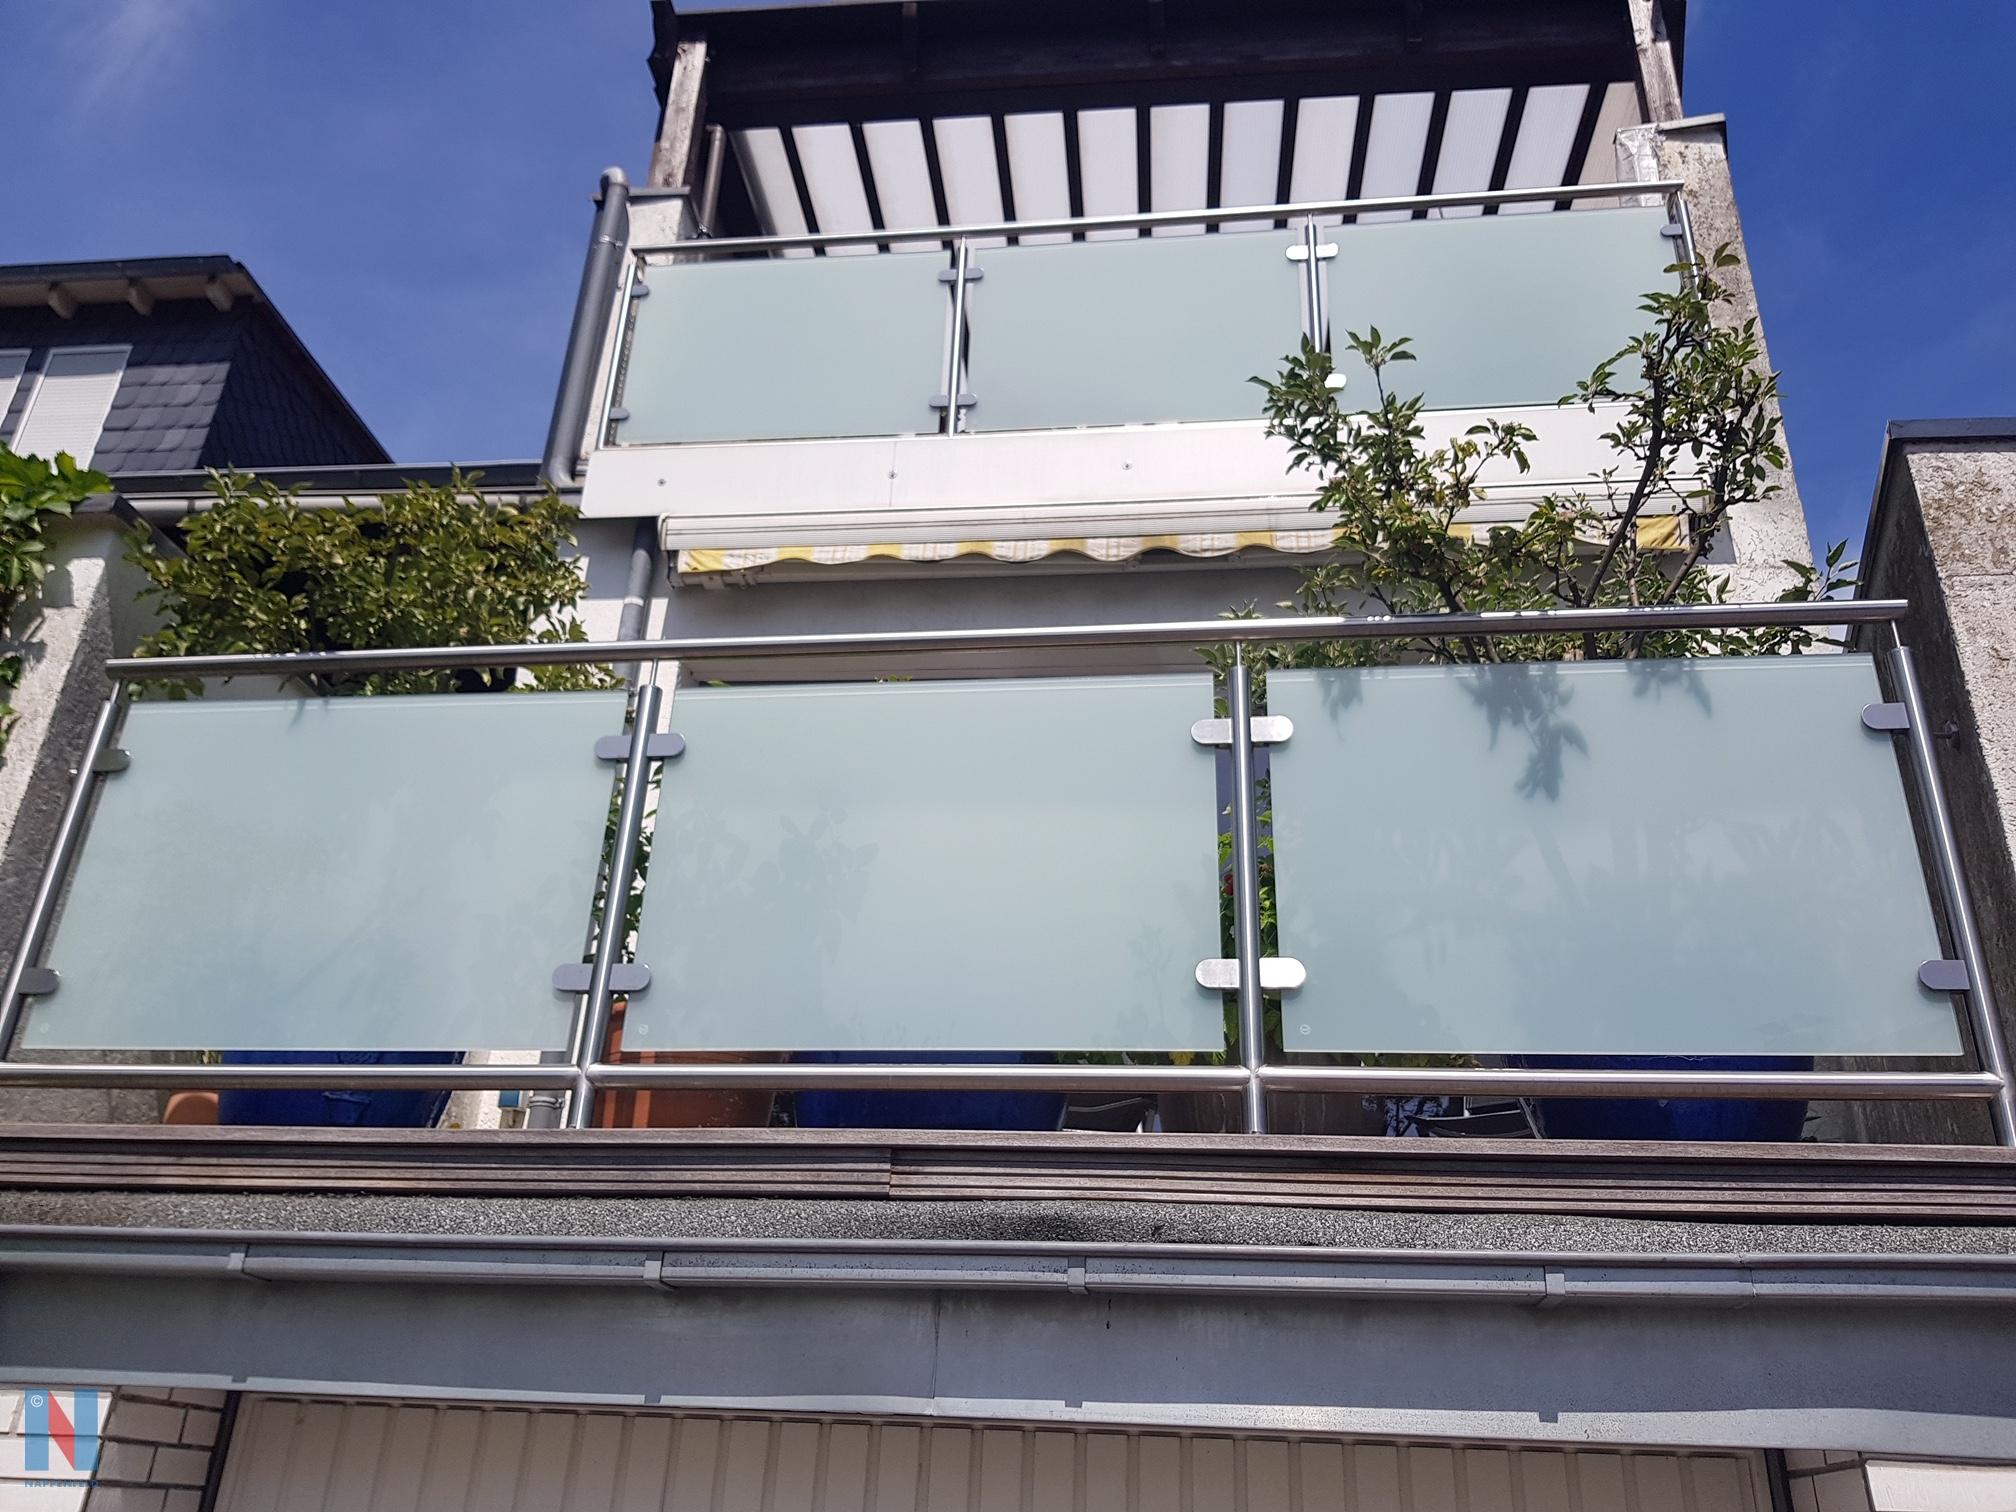 Balkonien im Doppelpack, geplant und umgesetzt von der Edelstahlschlosserei Nappenfeld aus Mülheim